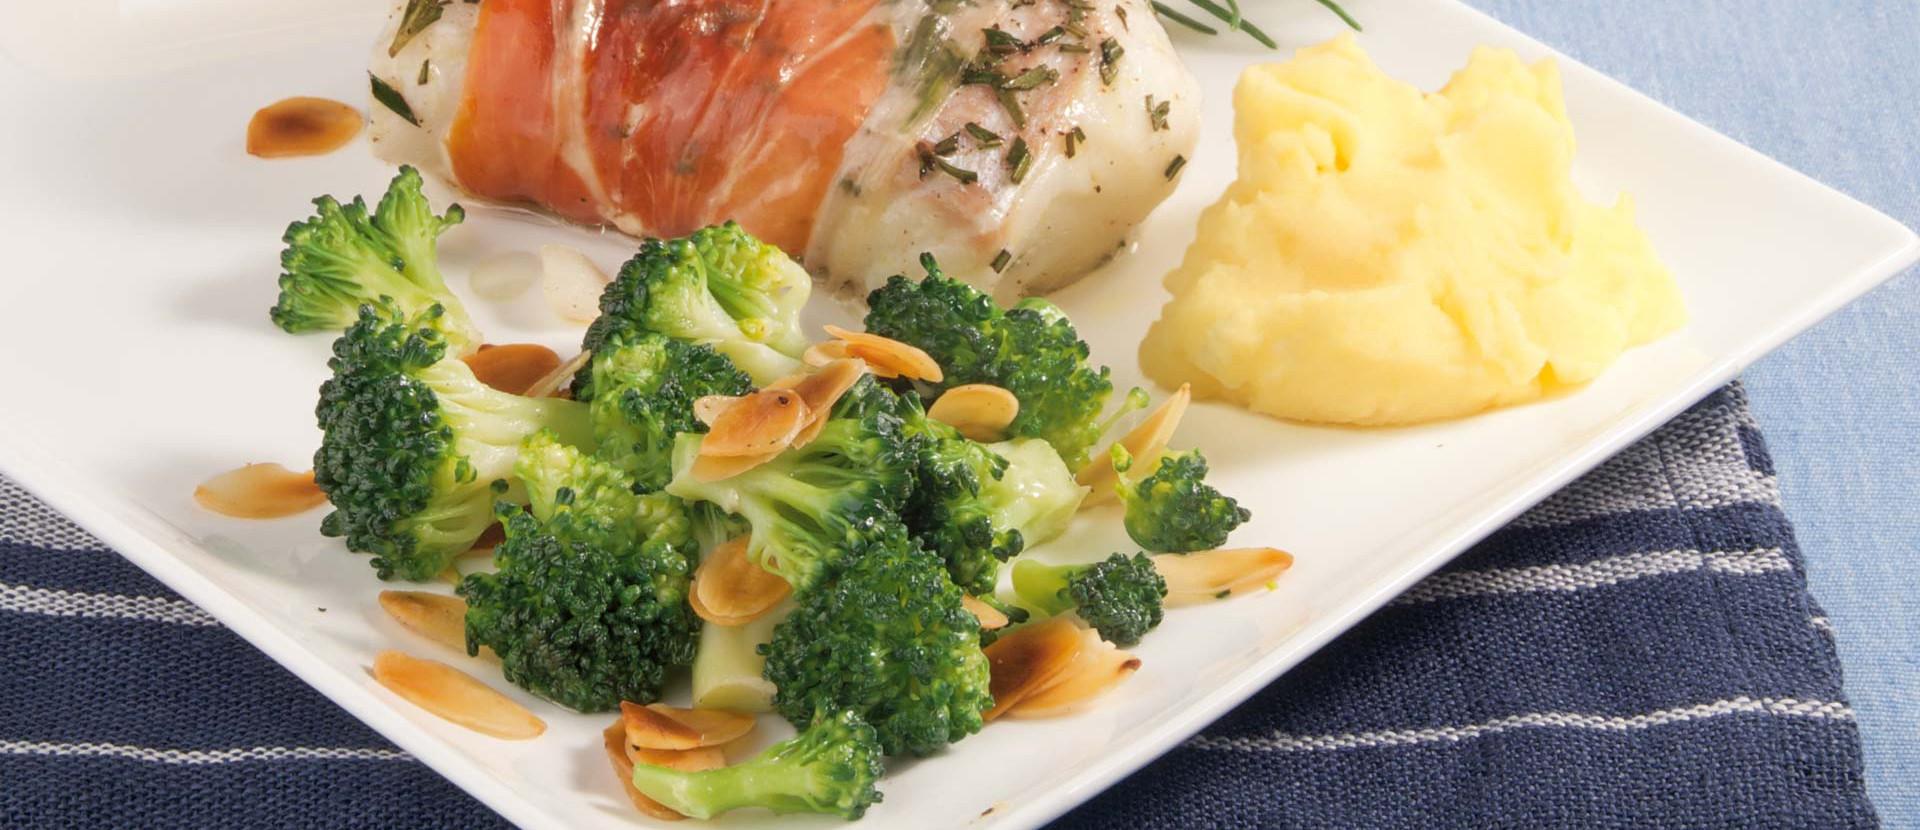 Mandel Brokkoli mit Fisch Schinkenpaeckchen